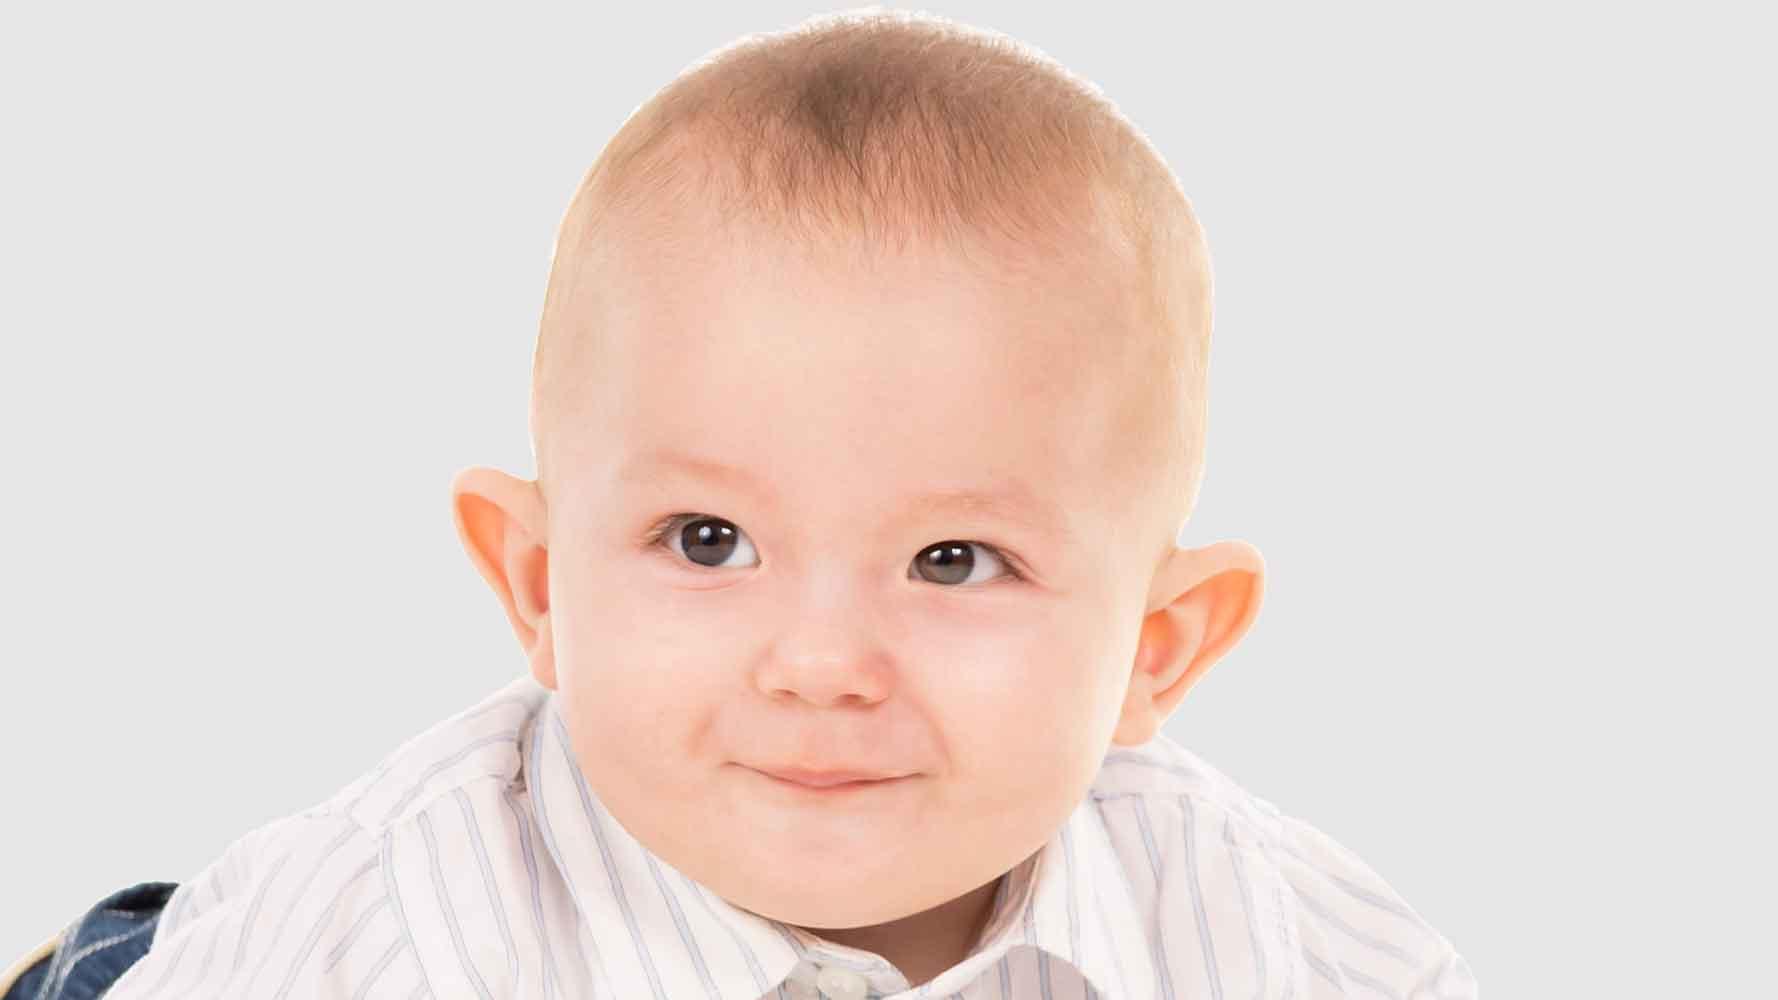 Krankenkassen: Willkür bei abstehenden Ohren